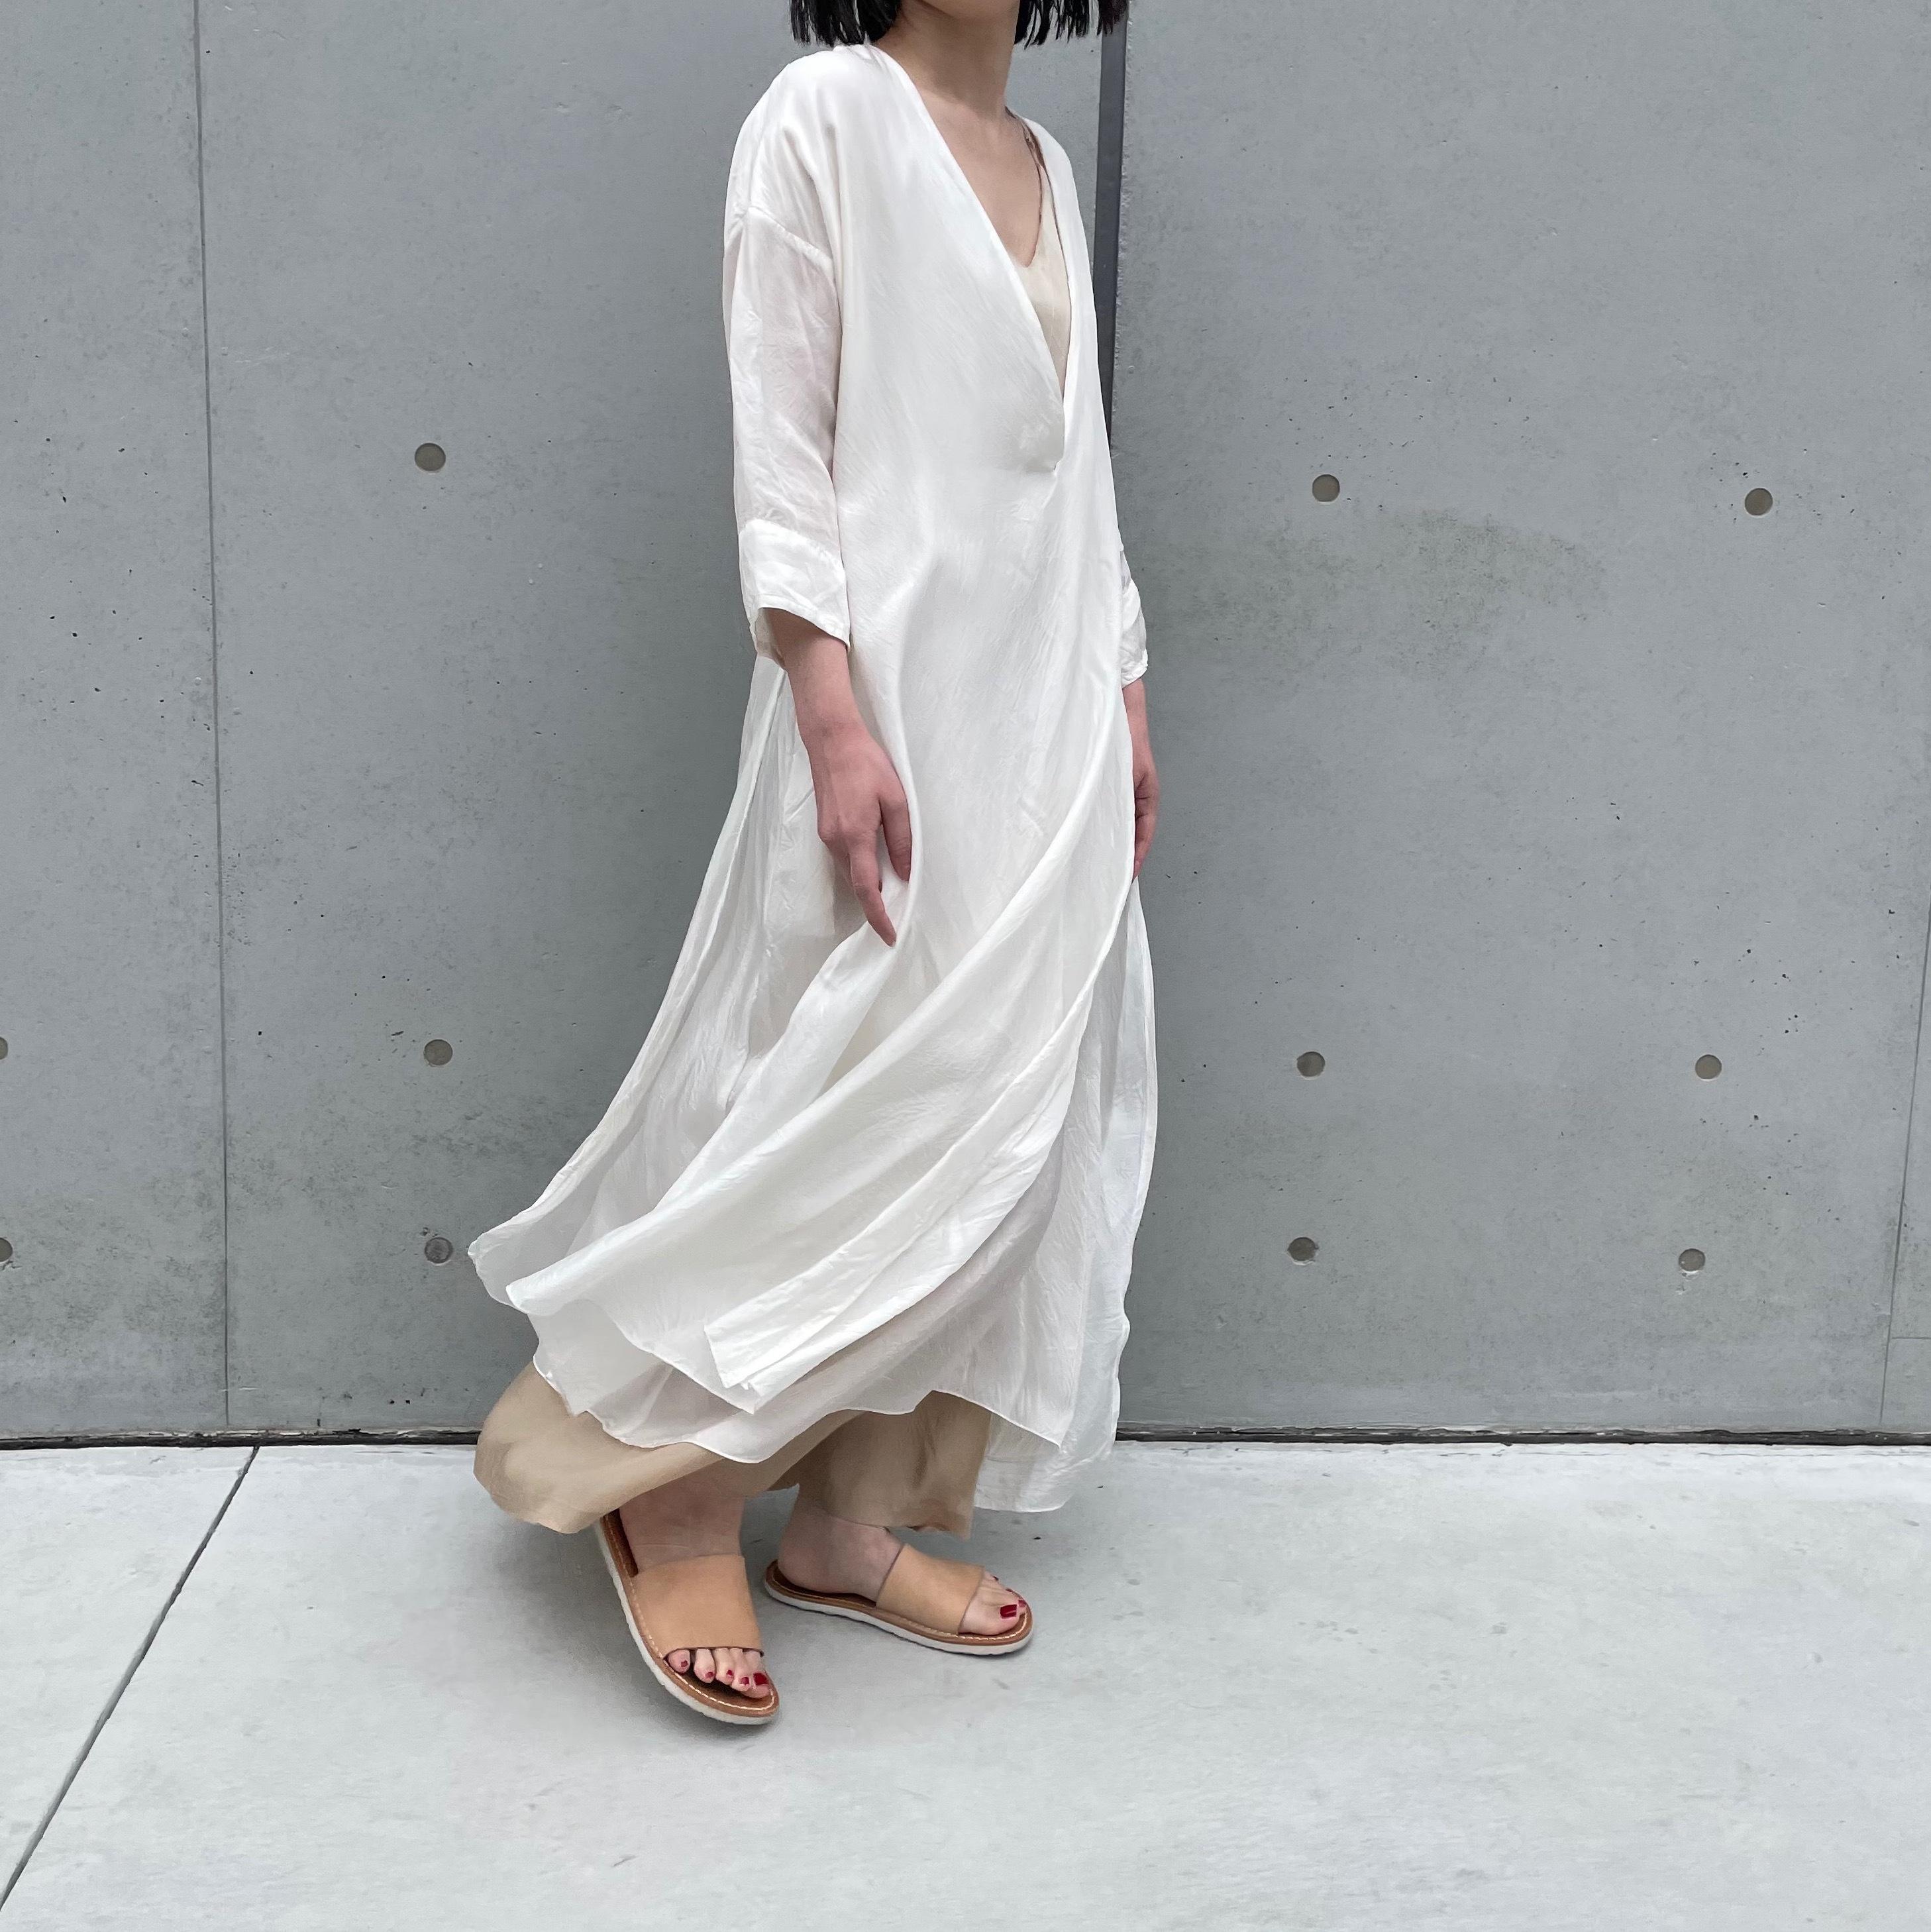 【hippiness × Sakurako.】cupro folkdress(white magnolia)/ 【ヒッピネス × サクラコ.】キュプラ フォークドレス( 白木蓮)